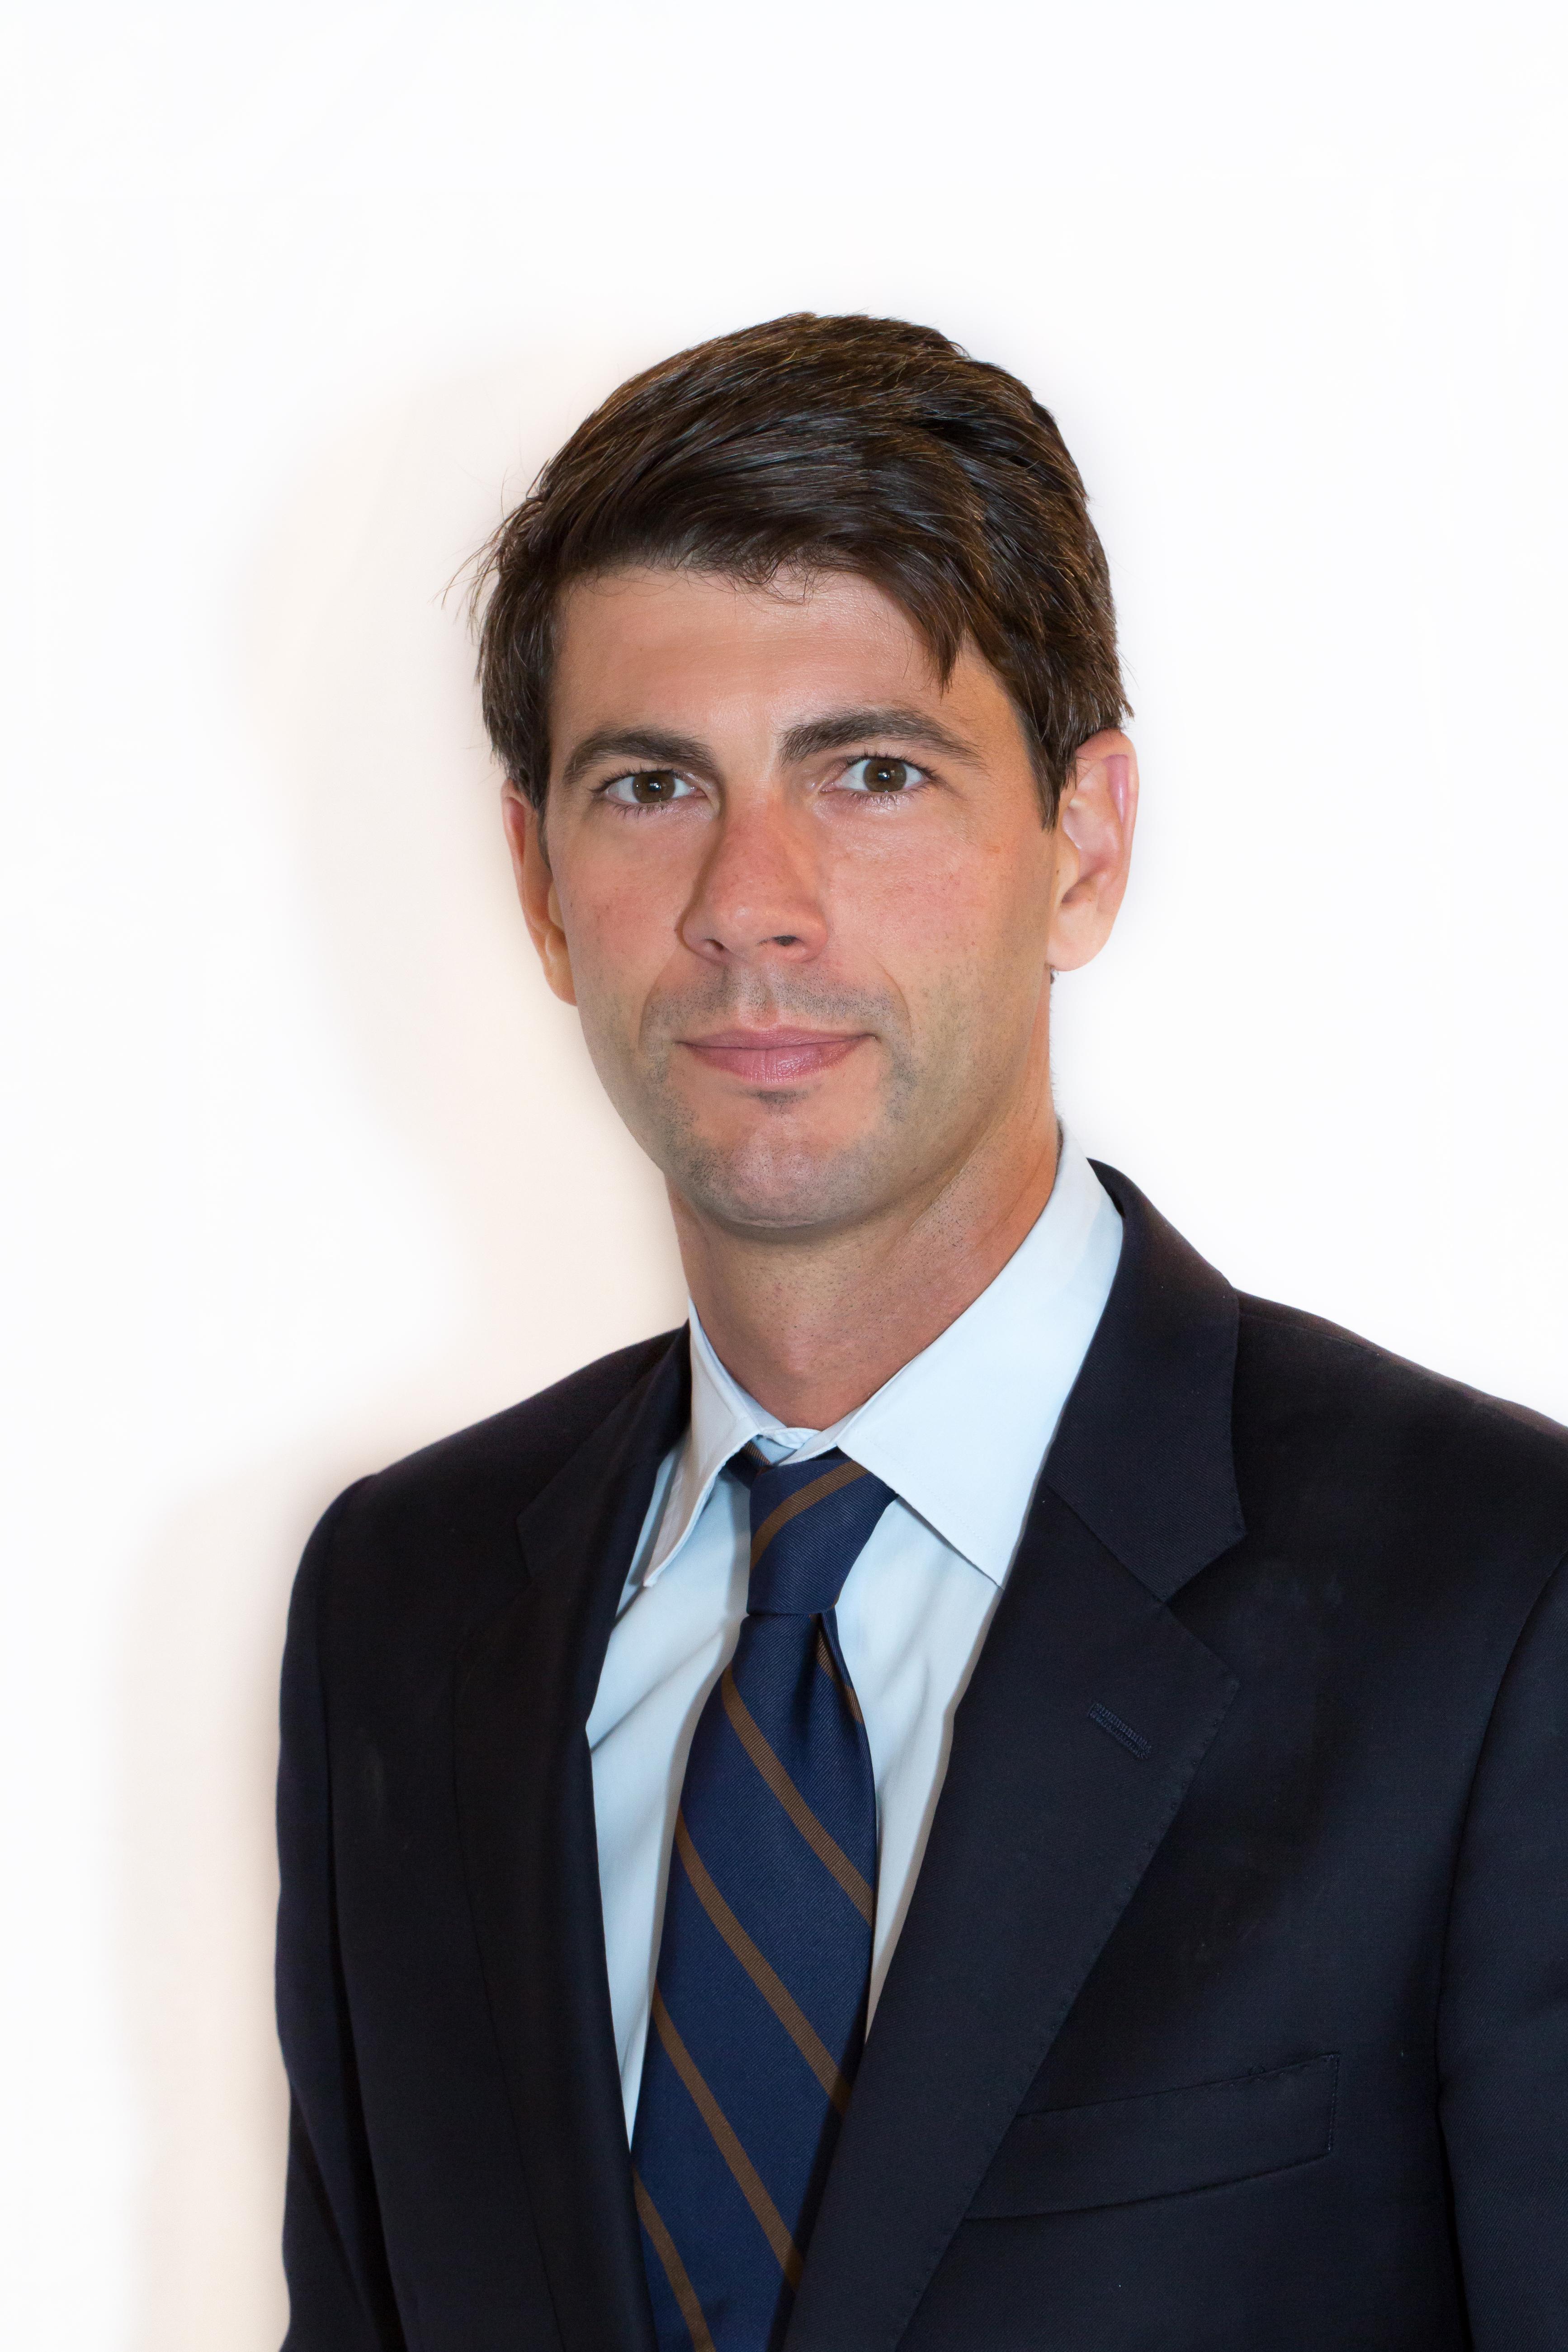 Léopold Larios de Piña (c) Marc Verneret